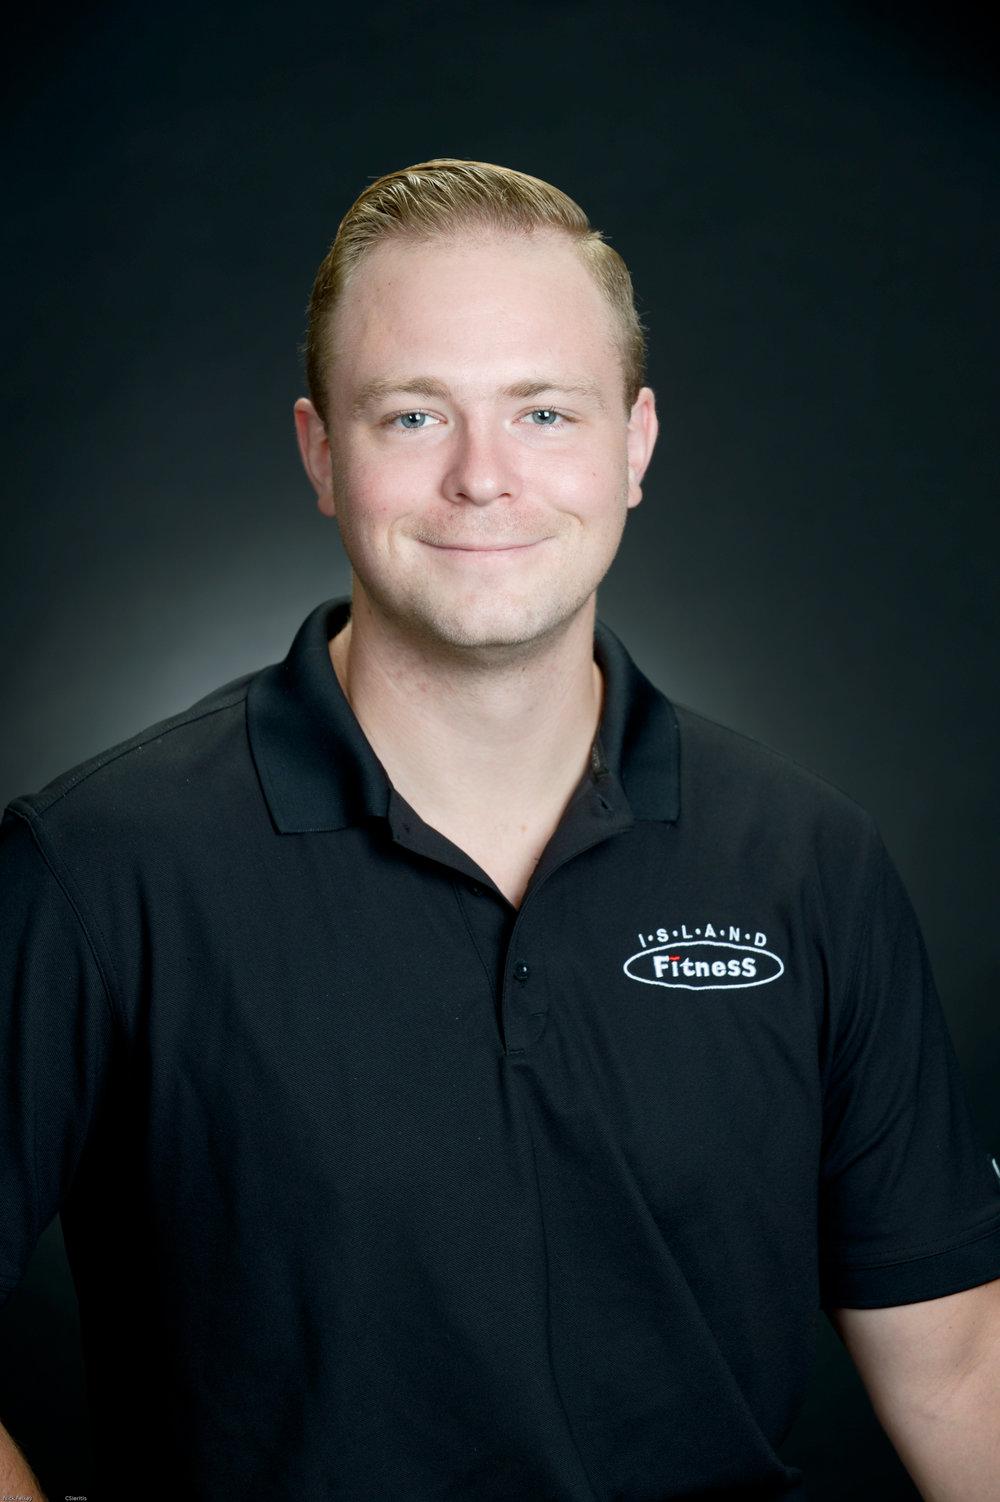 QUINTON AGOSTA | Professional Trainer